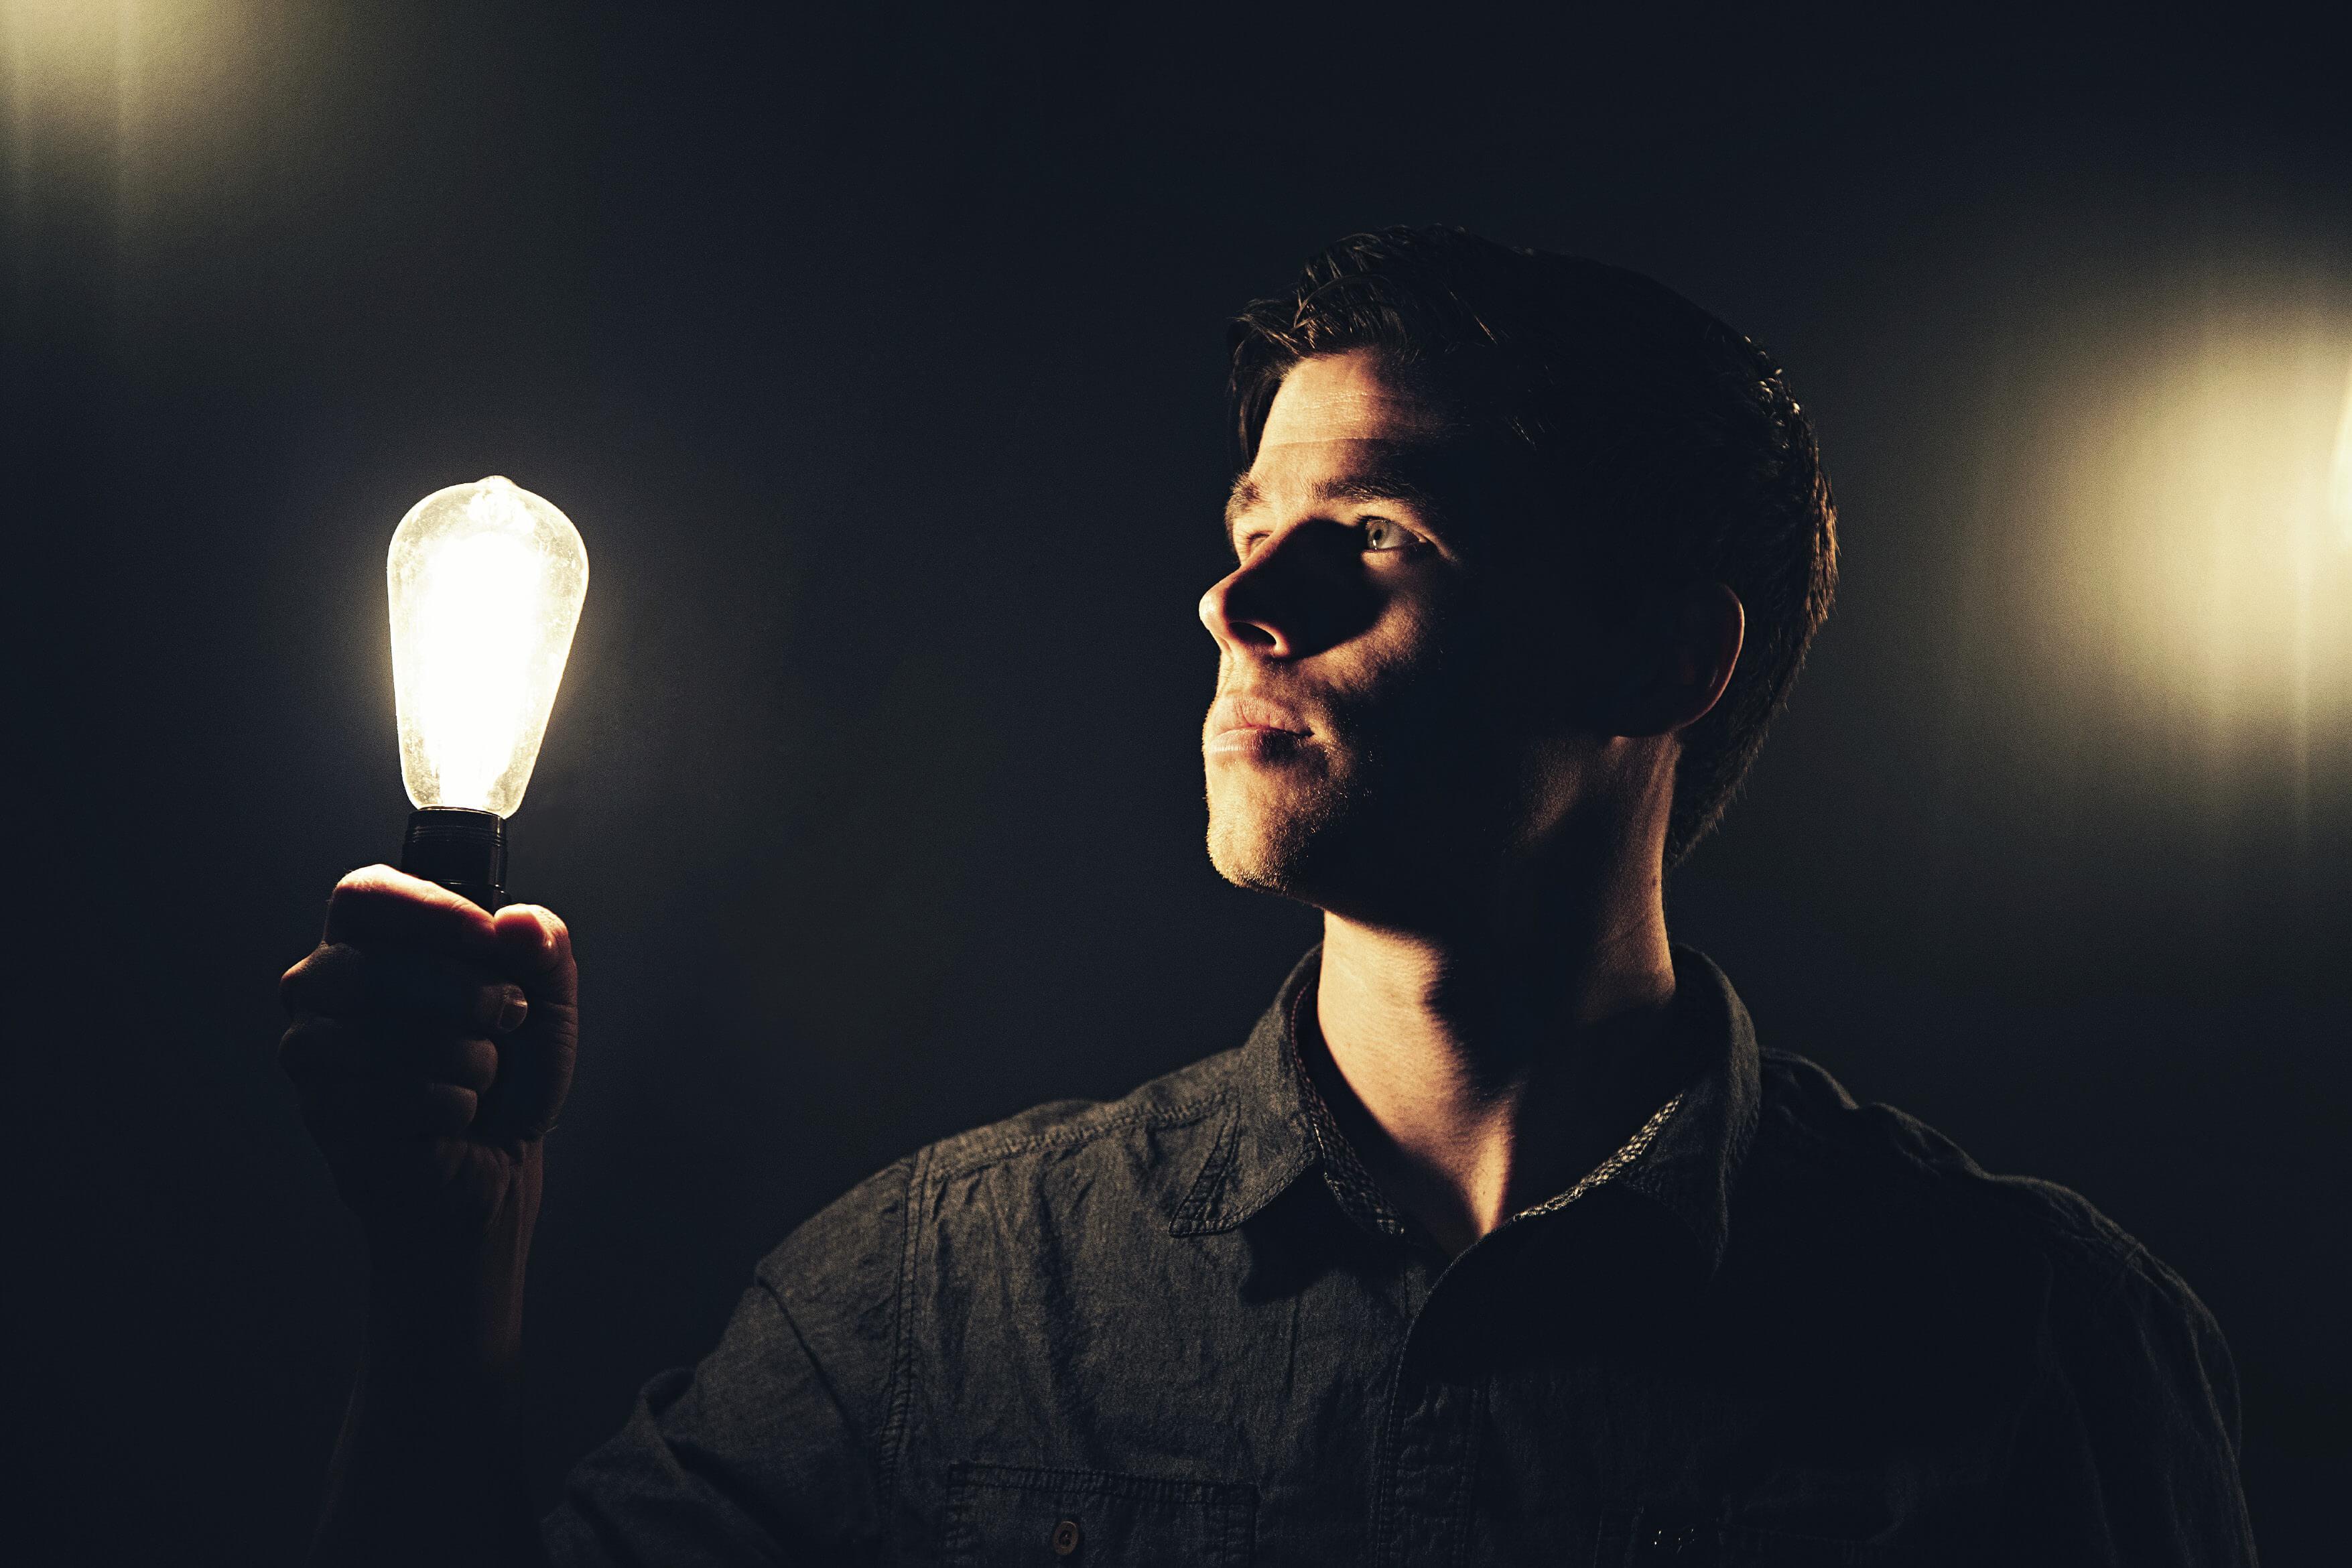 o-poder-que-todos-tem-comportamento-RA-lightstock_121183